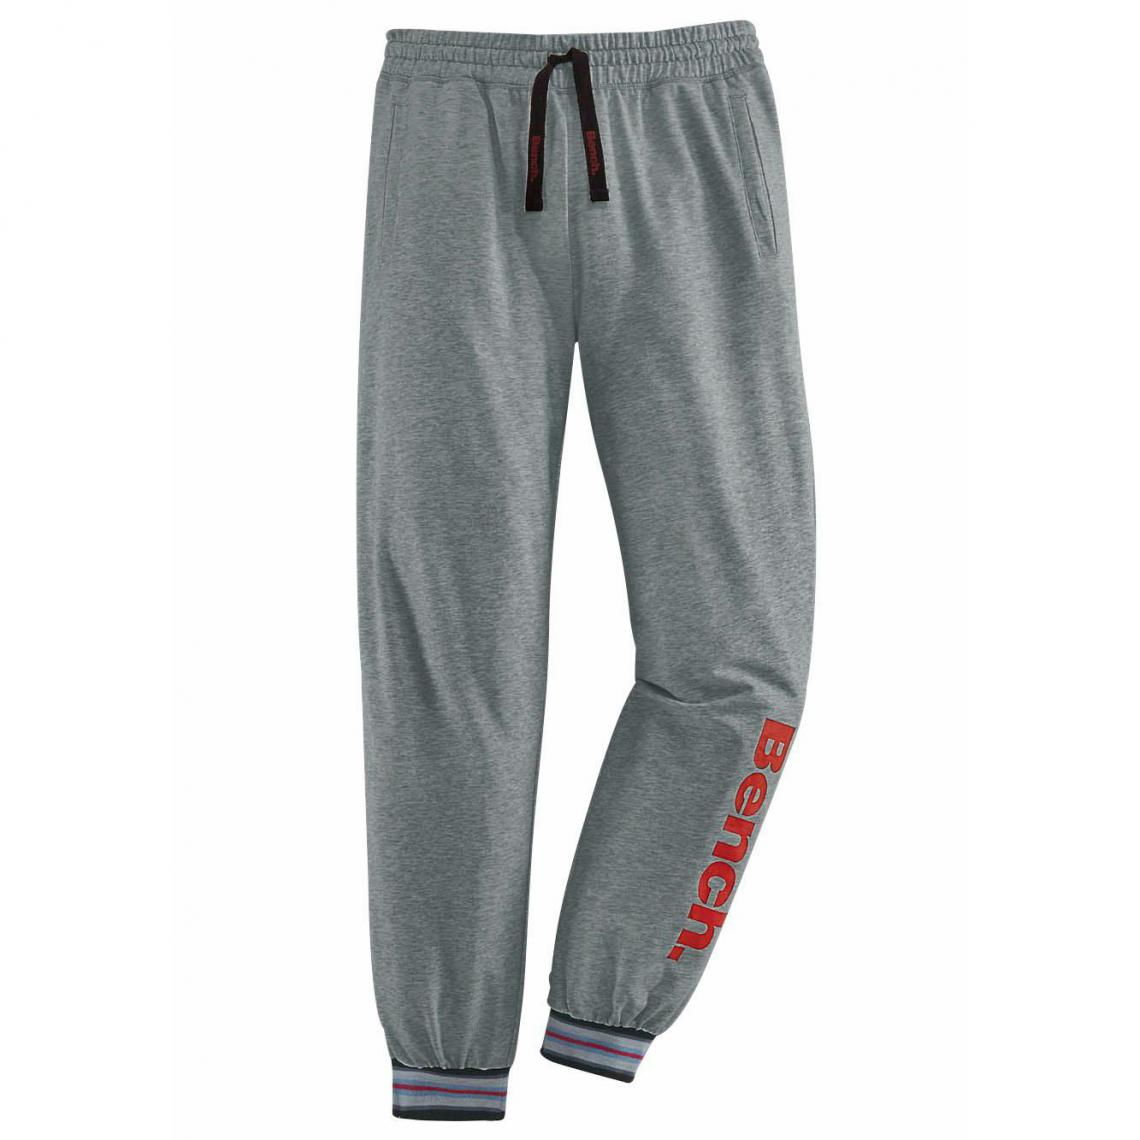 Pantalon de d�tente en molleton homme Bench - Multicolore - 3Suisses